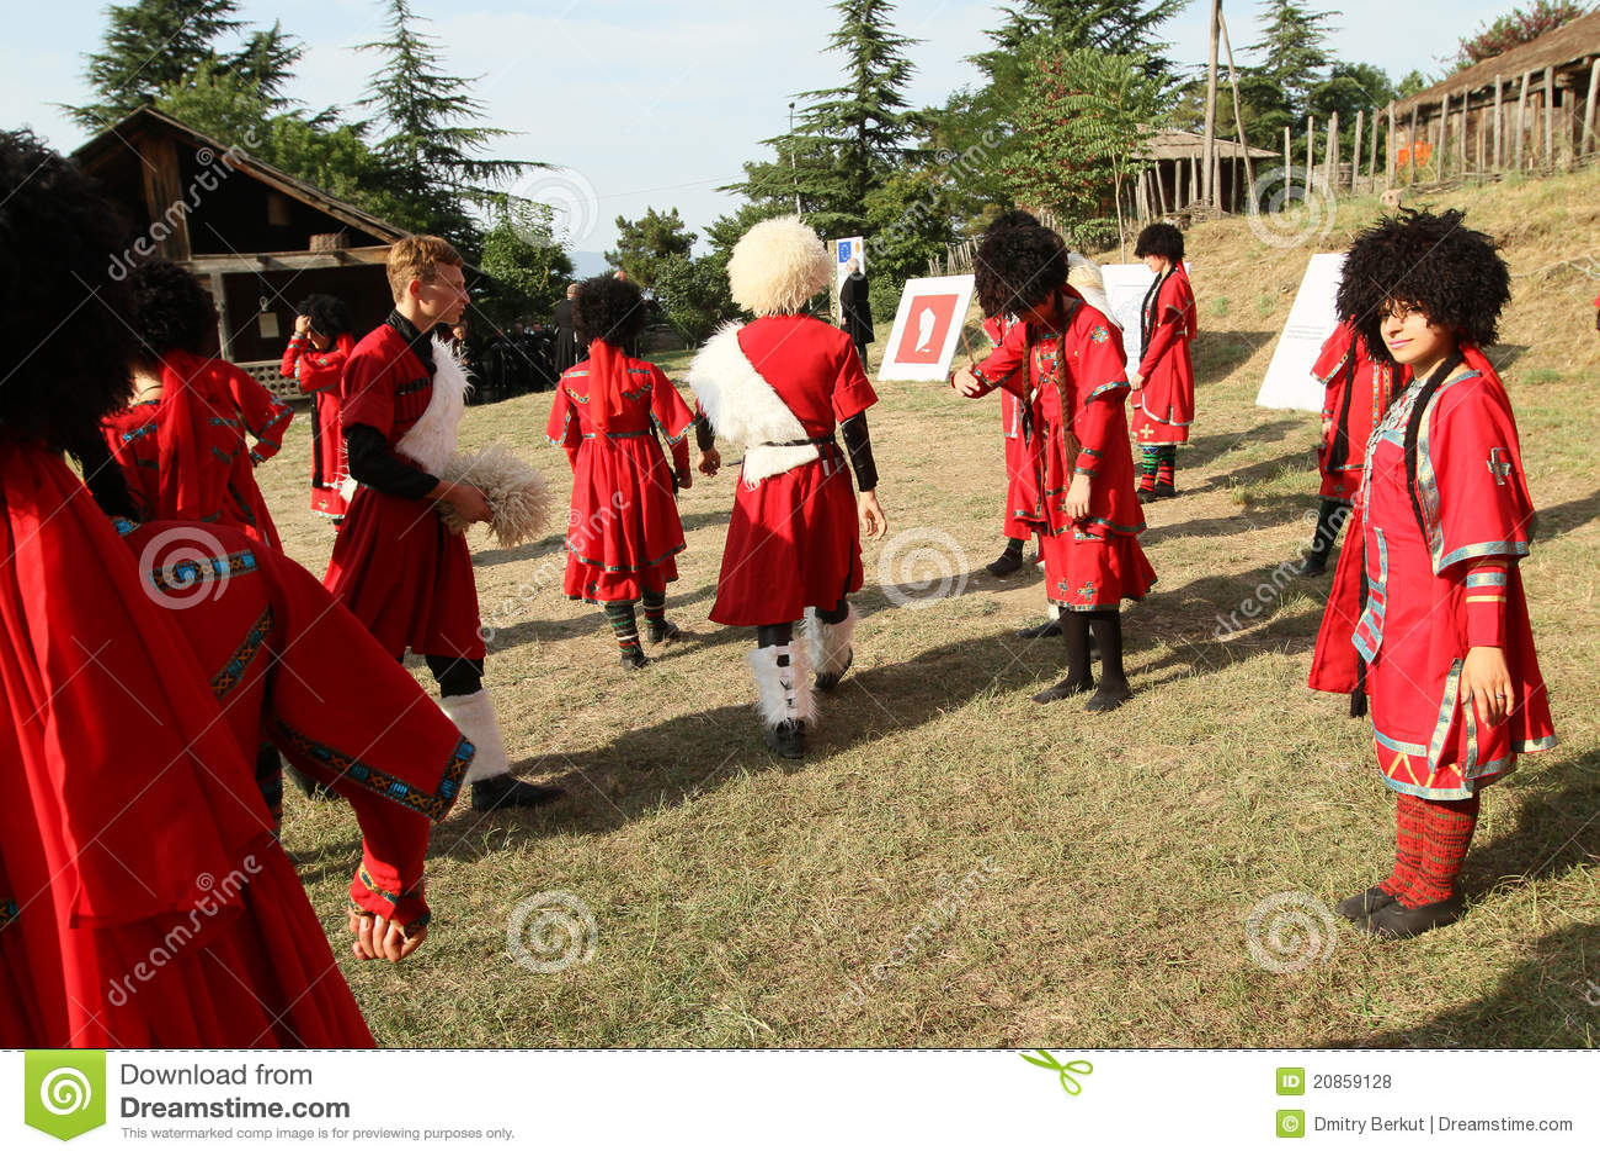 Festival georgiano del gene del arte popular